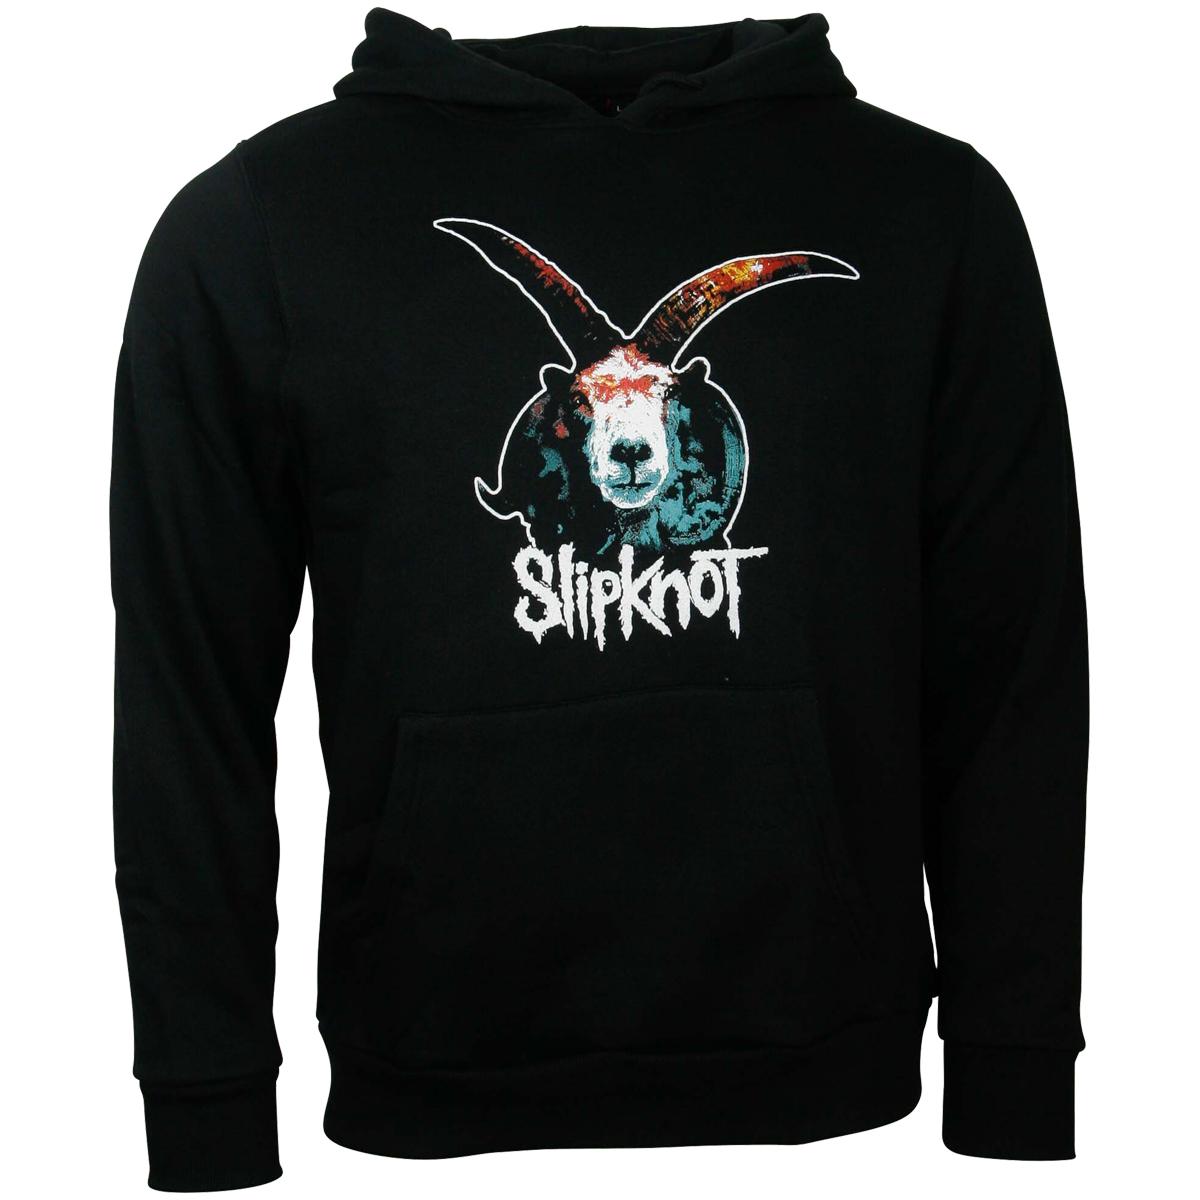 Slipknot - Kapuzenpullover Graphic Goat - schwarz